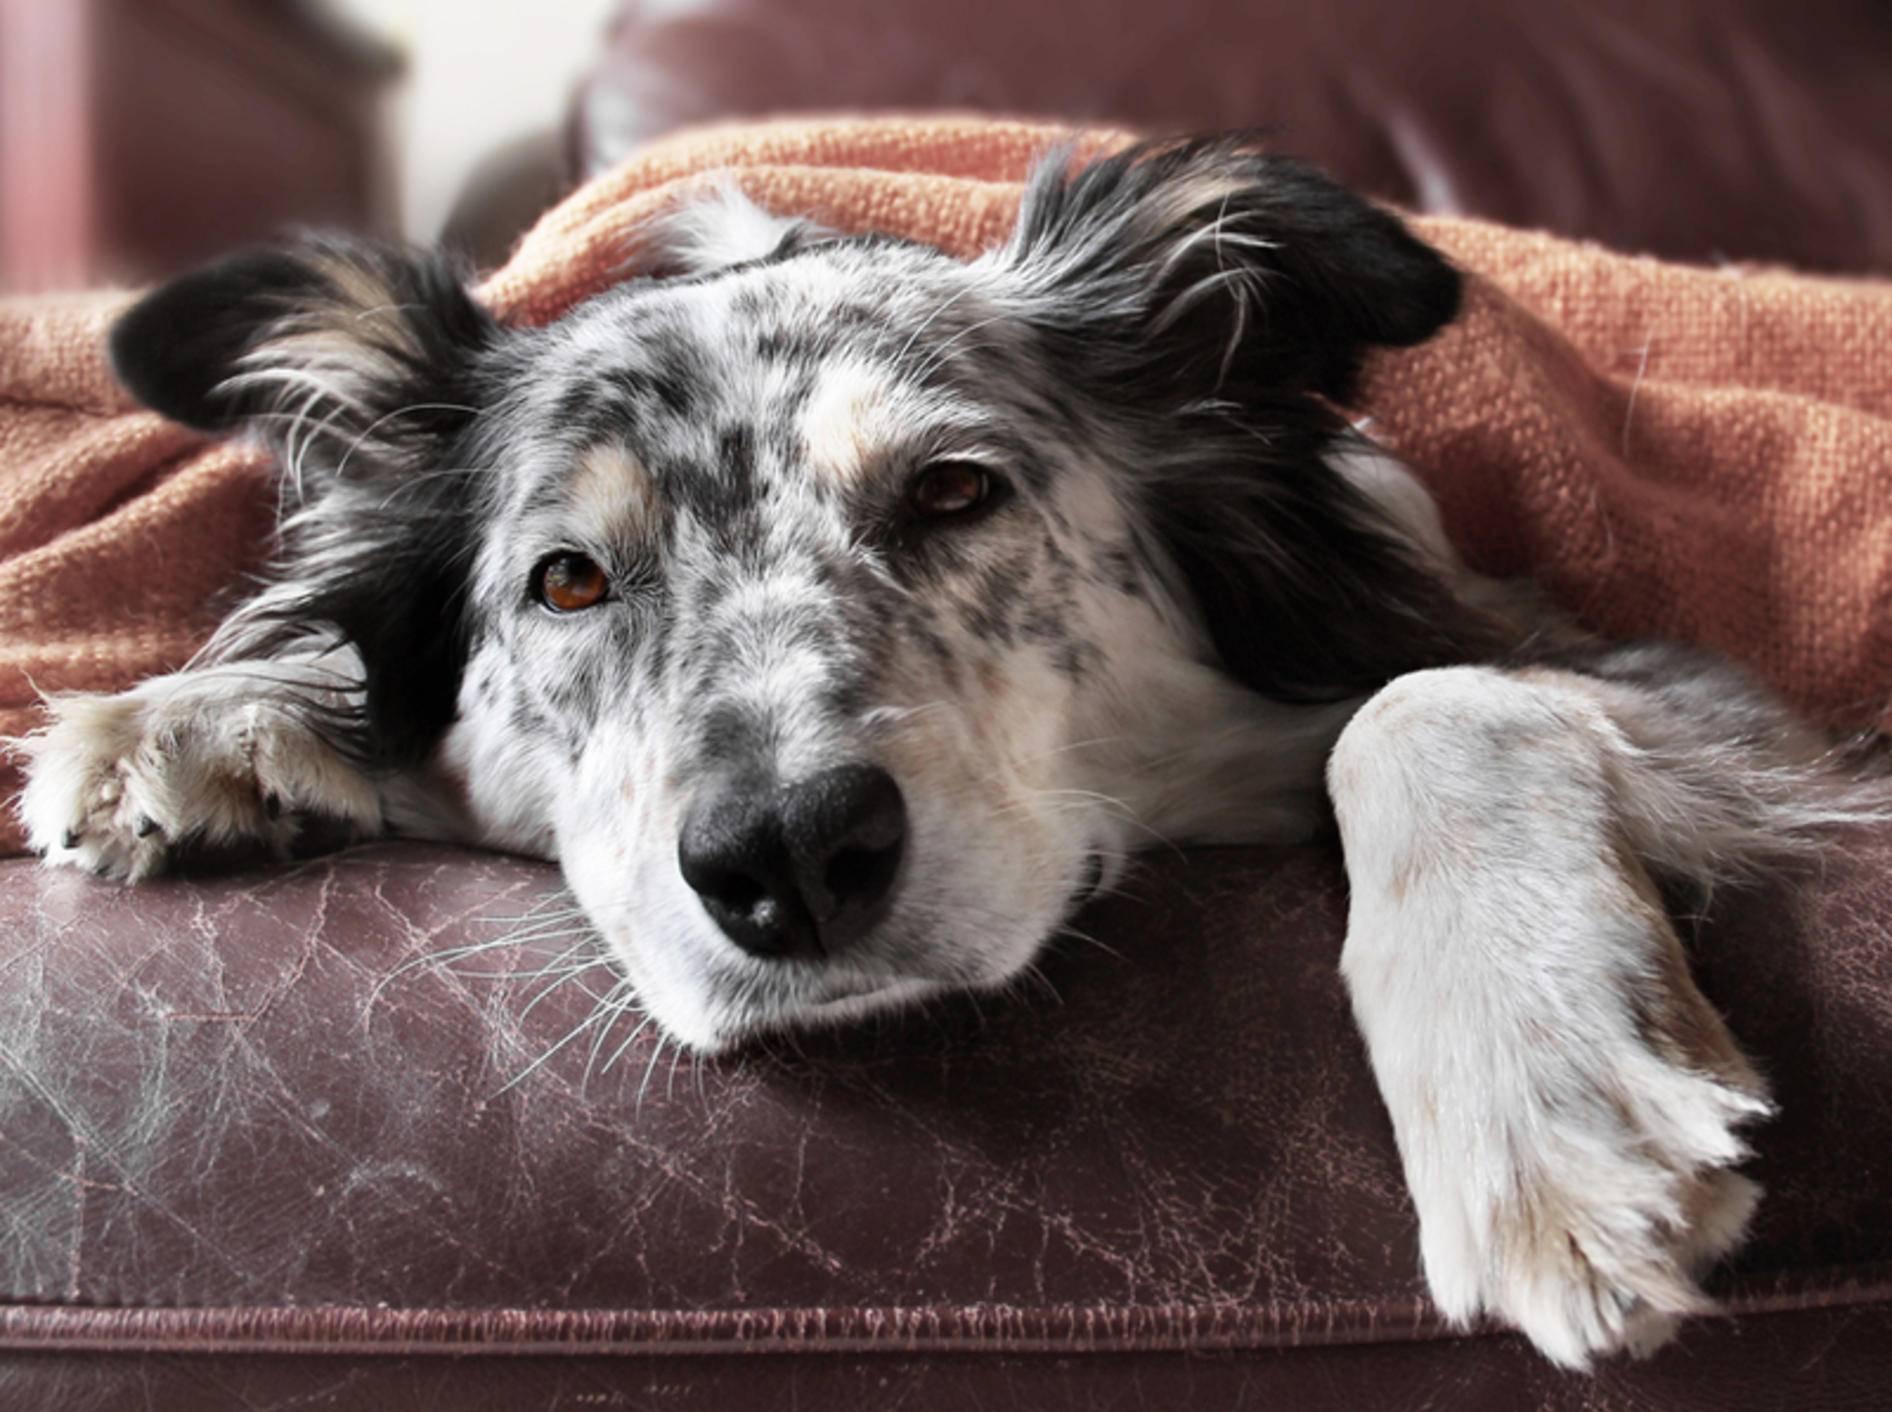 Fieber gehört zu den häufigsten Anzeichen einer Blutvergiftung bei Hunden – Bild: Shutterstock / Lindsay Helms